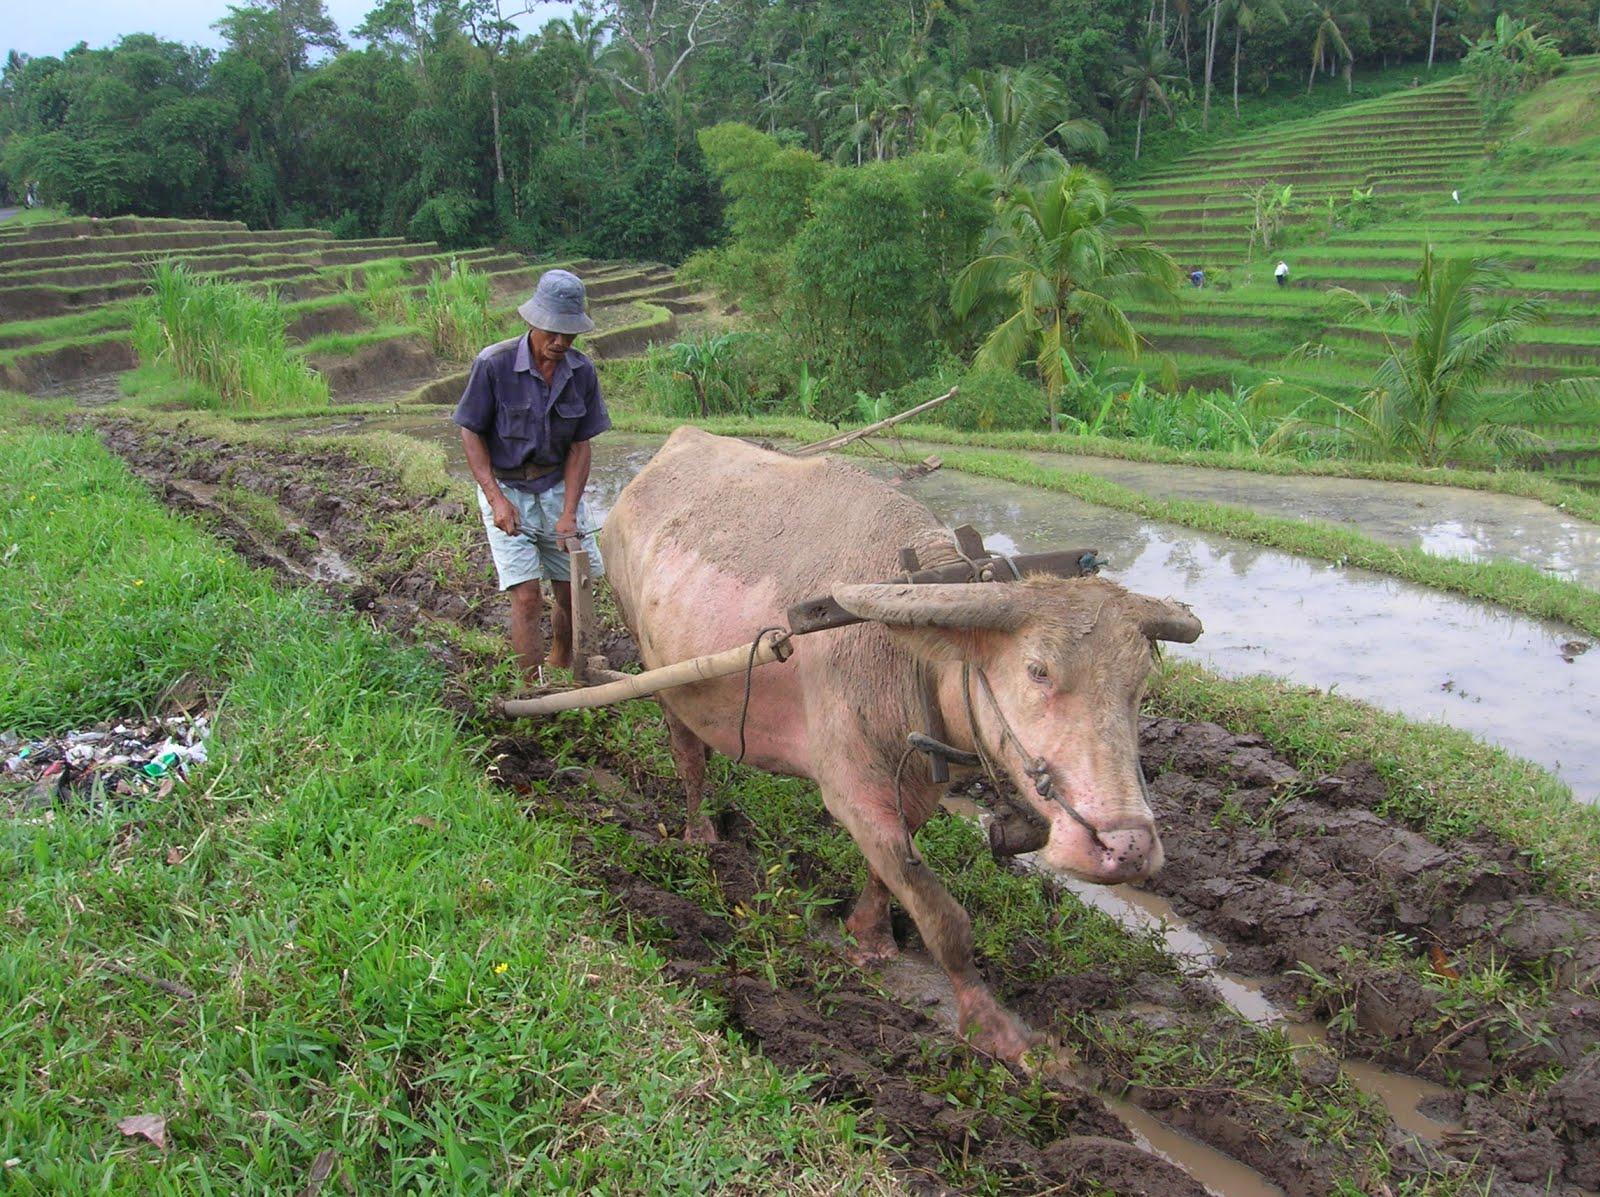 labrando en Bali, arrozales de Jatiluwih, Bali, vuelta al mundo, round the world, La vuelta al mundo de Asun y Ricardo